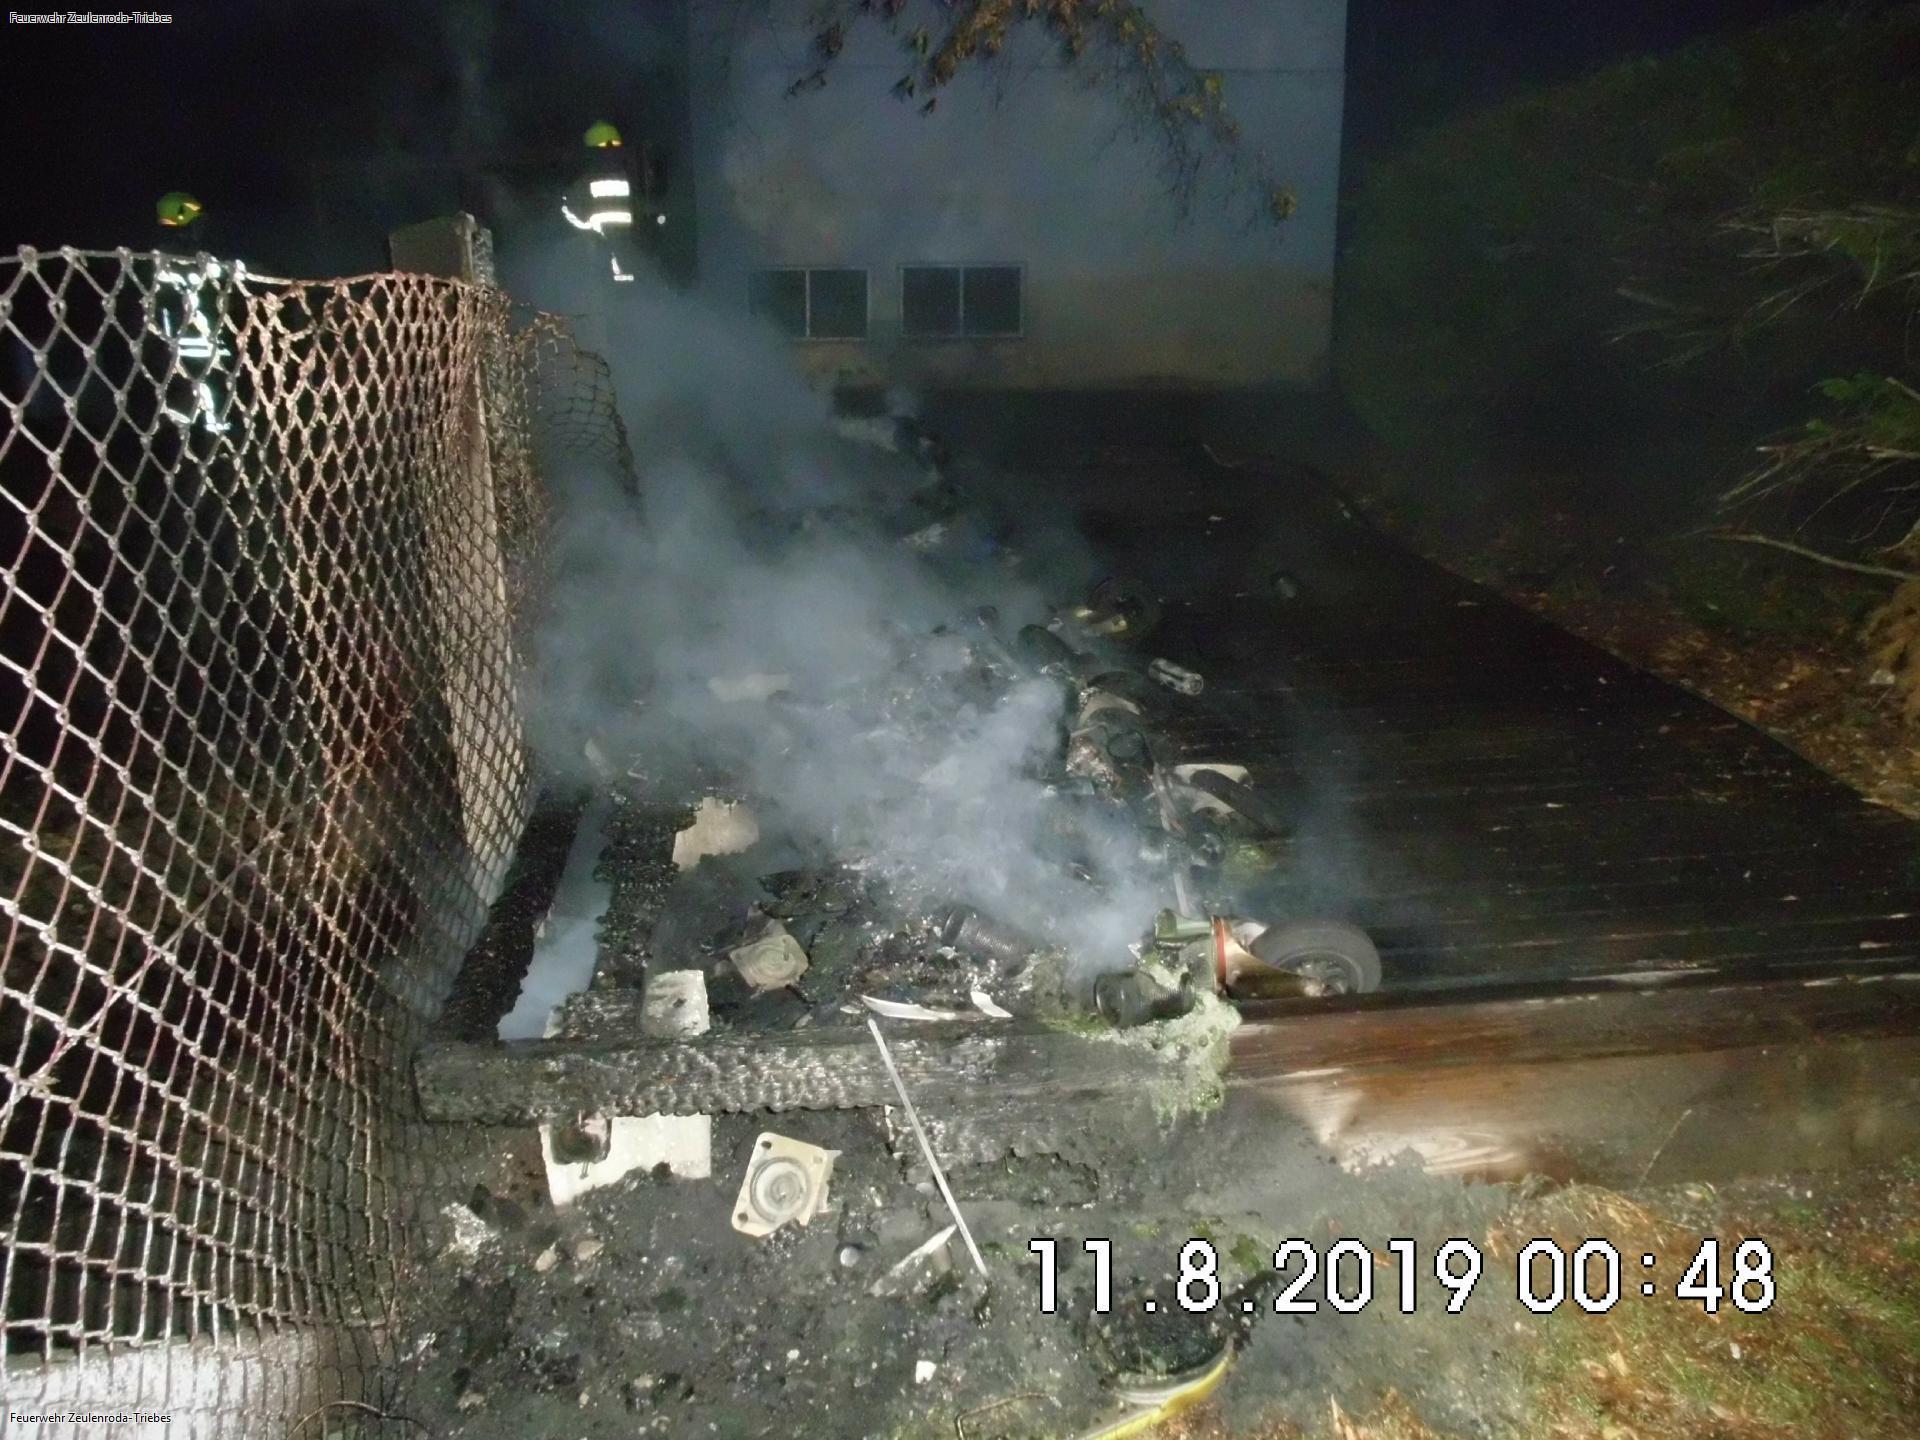 Mehrere Wertstoffcontainern in Zeulenroda brennen – Brandstiftung